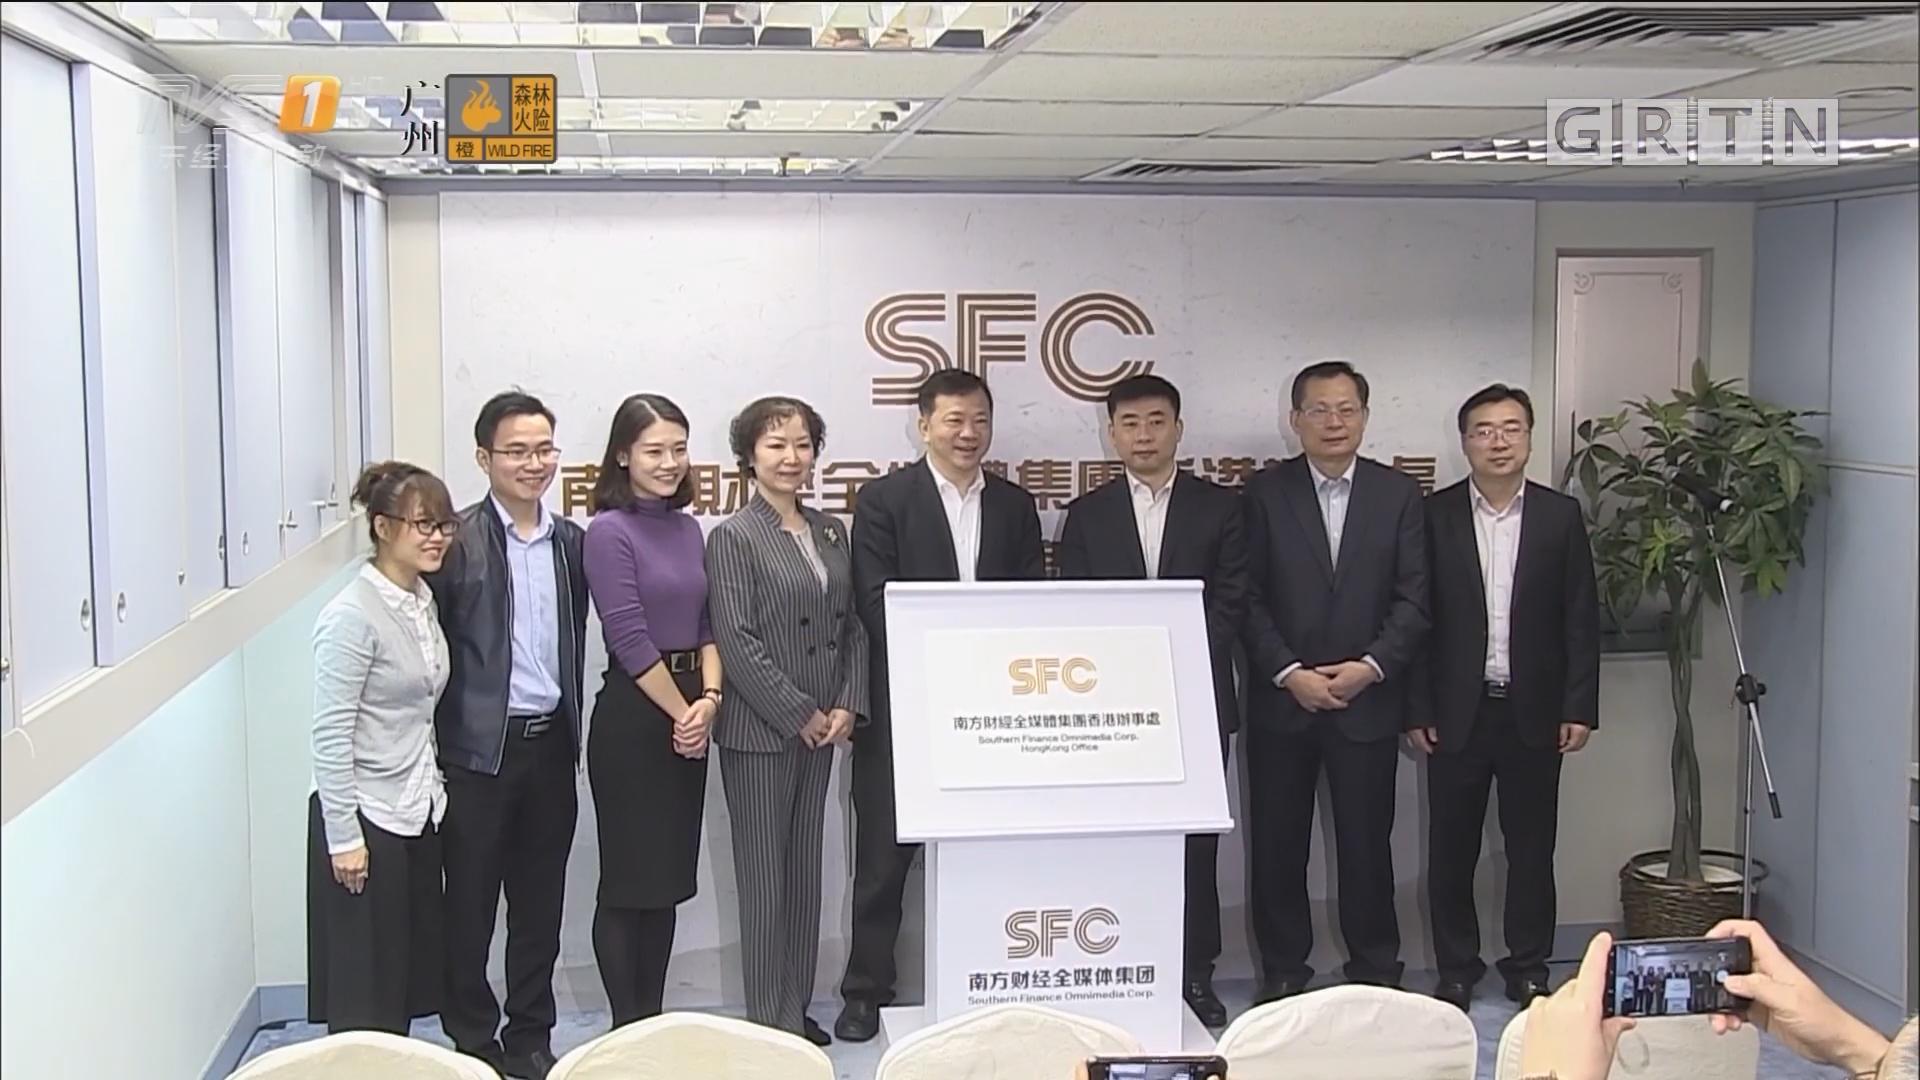 南方财经全媒体集团驻香港办事处成立 慎海雄出席揭牌仪式